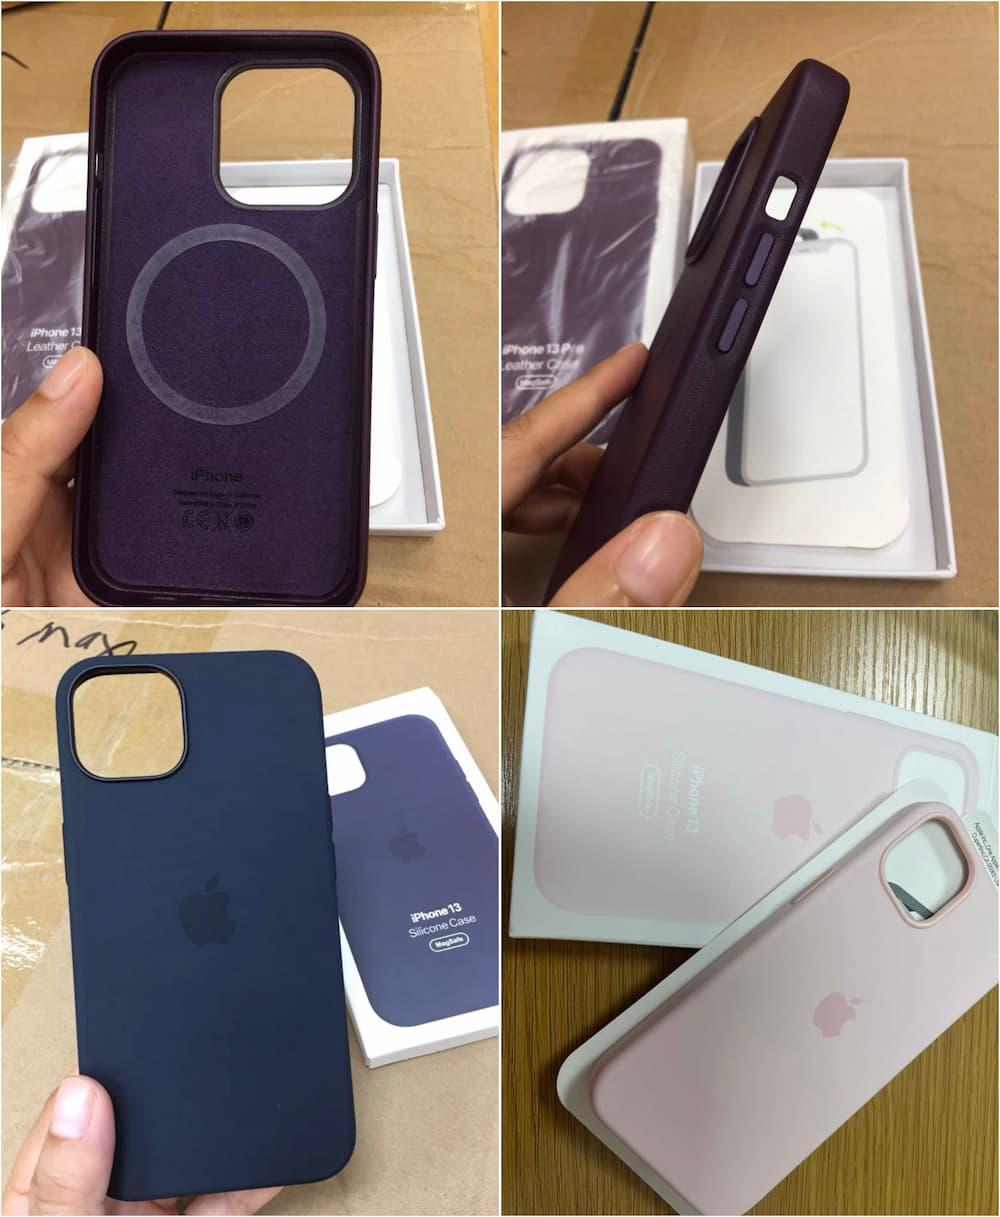 蘋果官方提前洩密?iPhone 13 原廠保護殼新顏色搶先看3